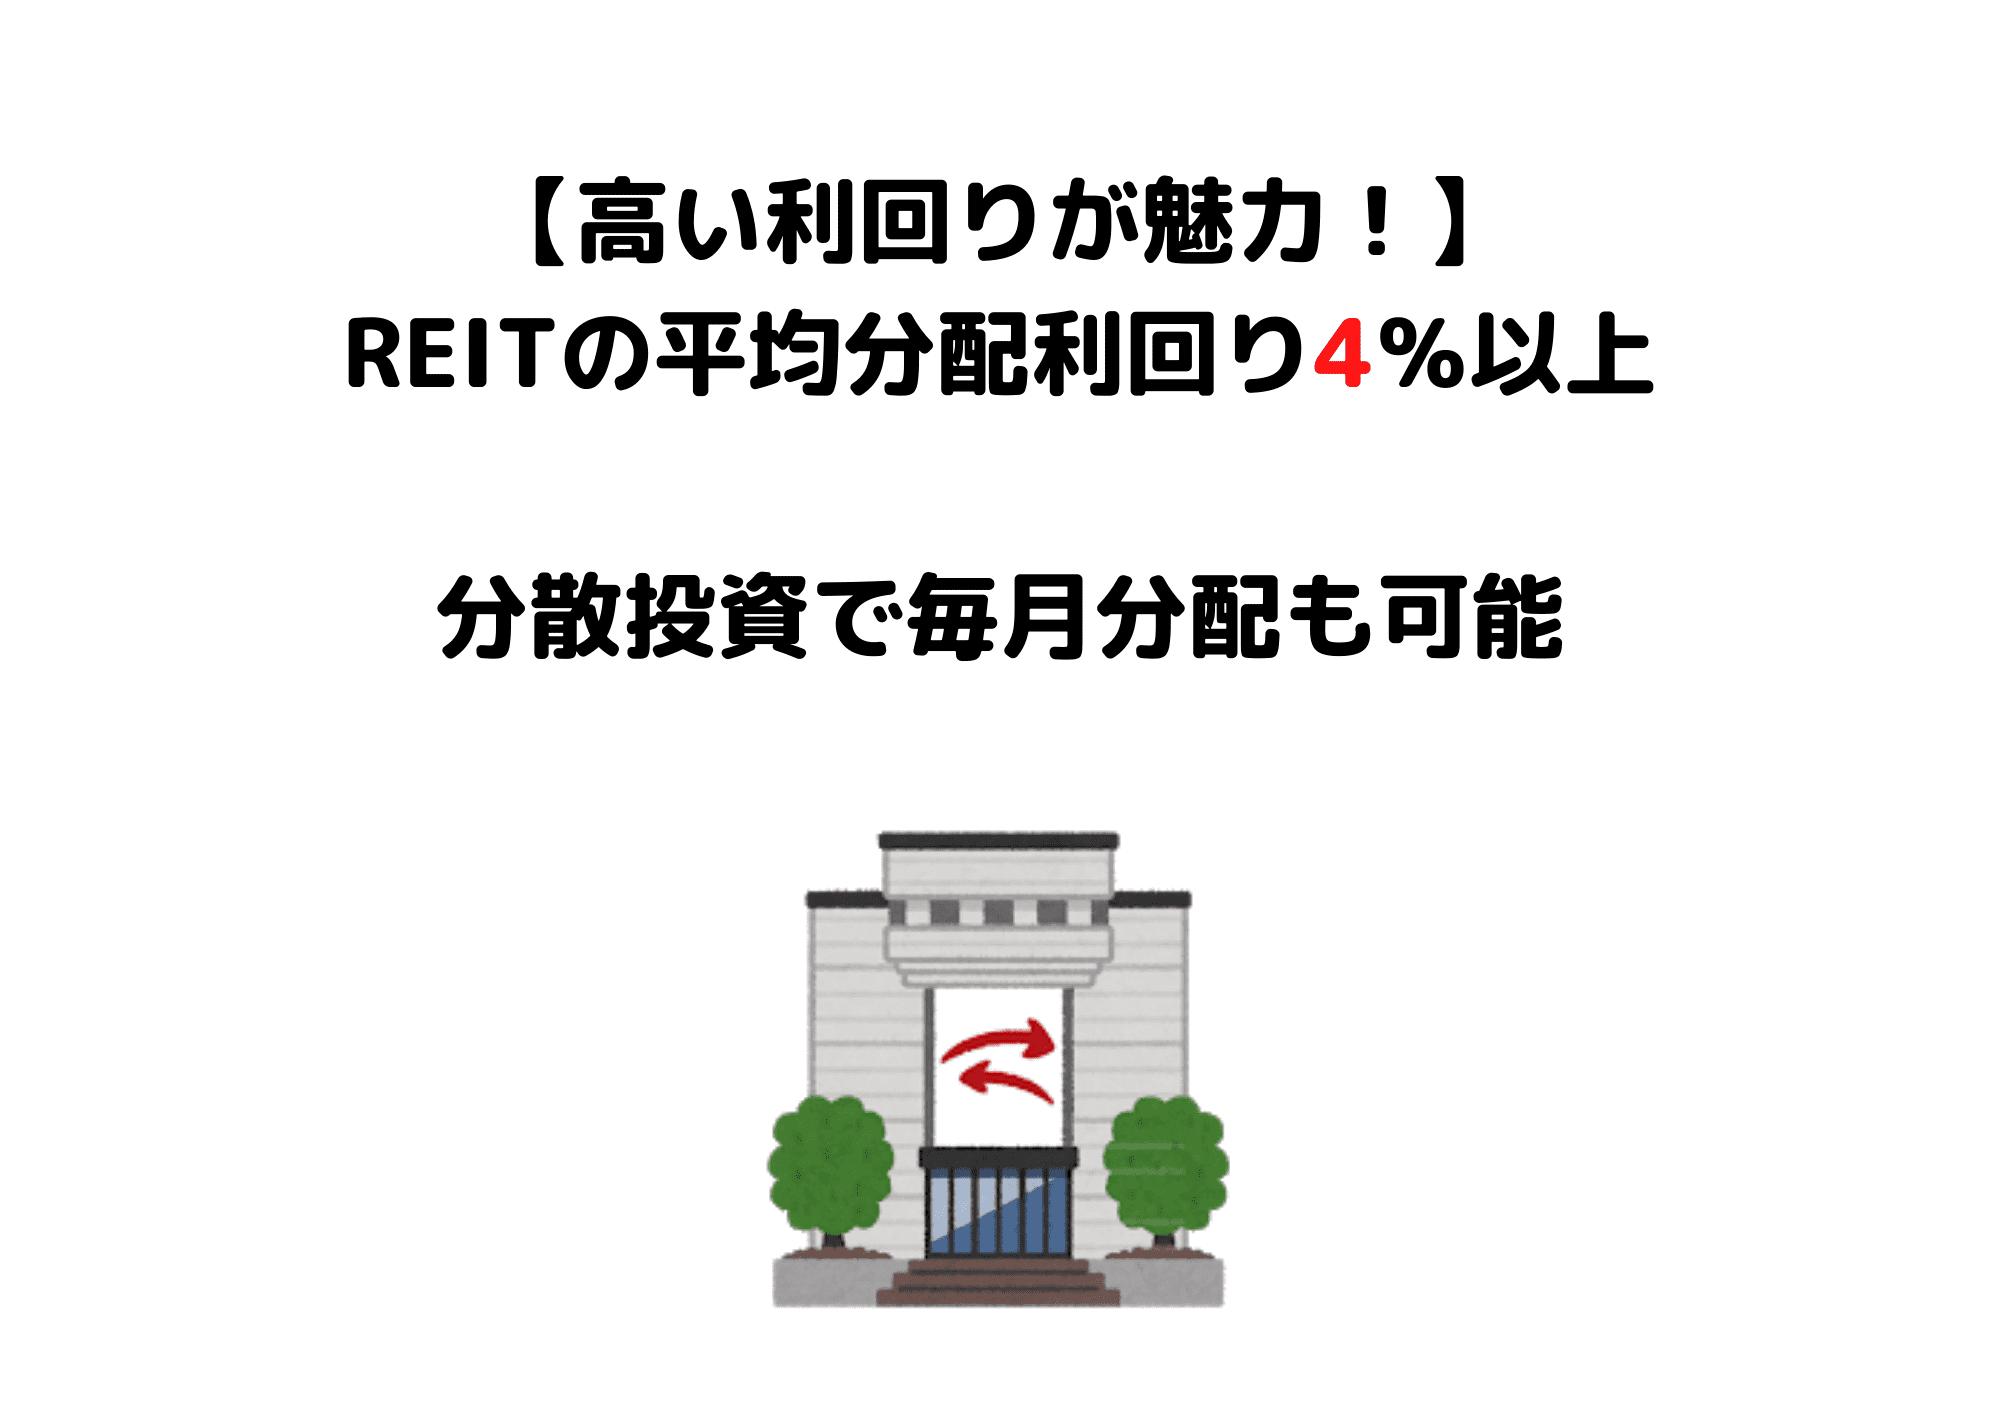 REIT (1)